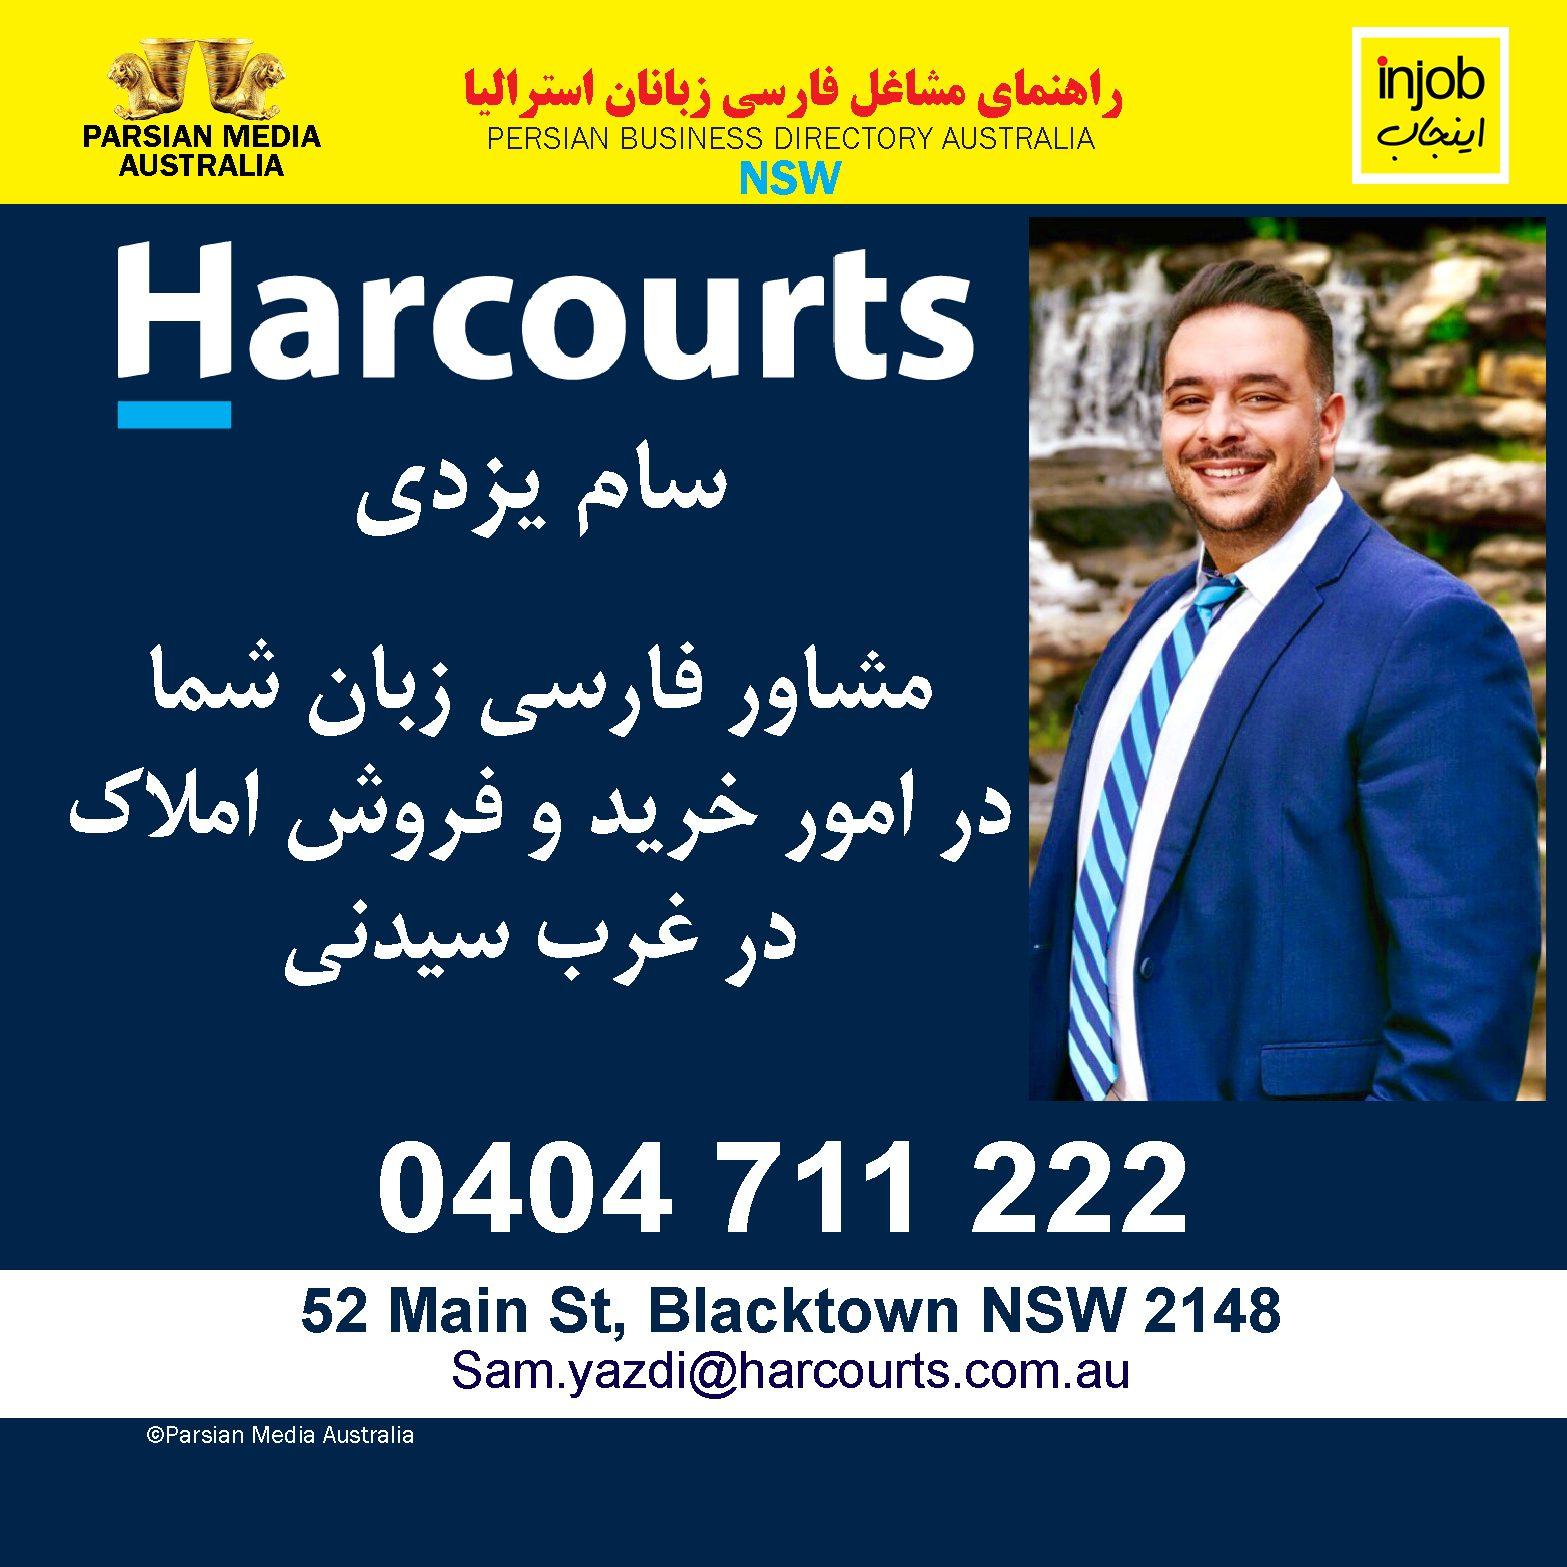 Harcourt-Sam Yazdi-Injob 2021-2022-online.jpg